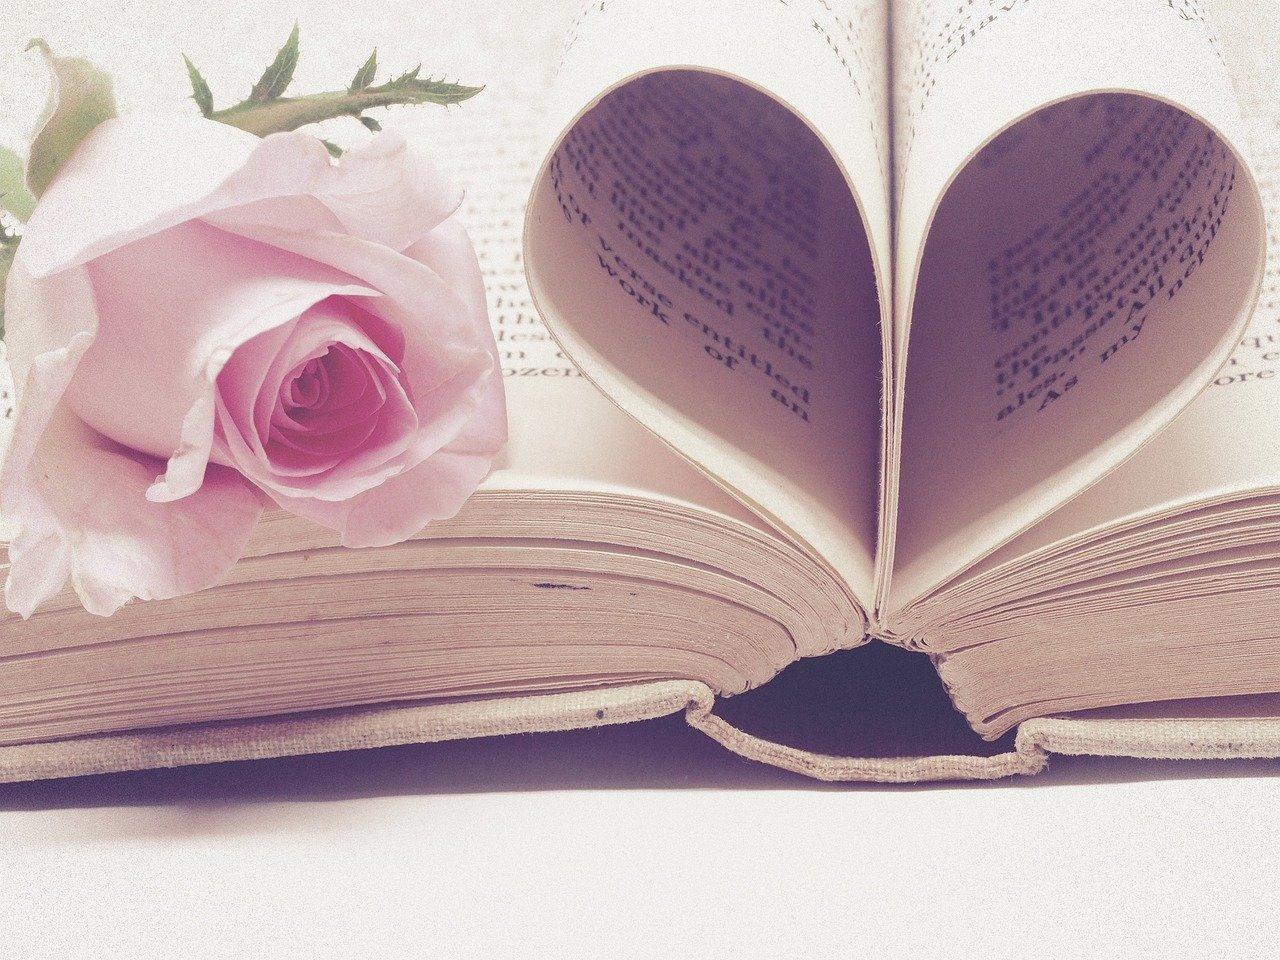 Perbedaan Antara Cinta dan Kasih Sayang